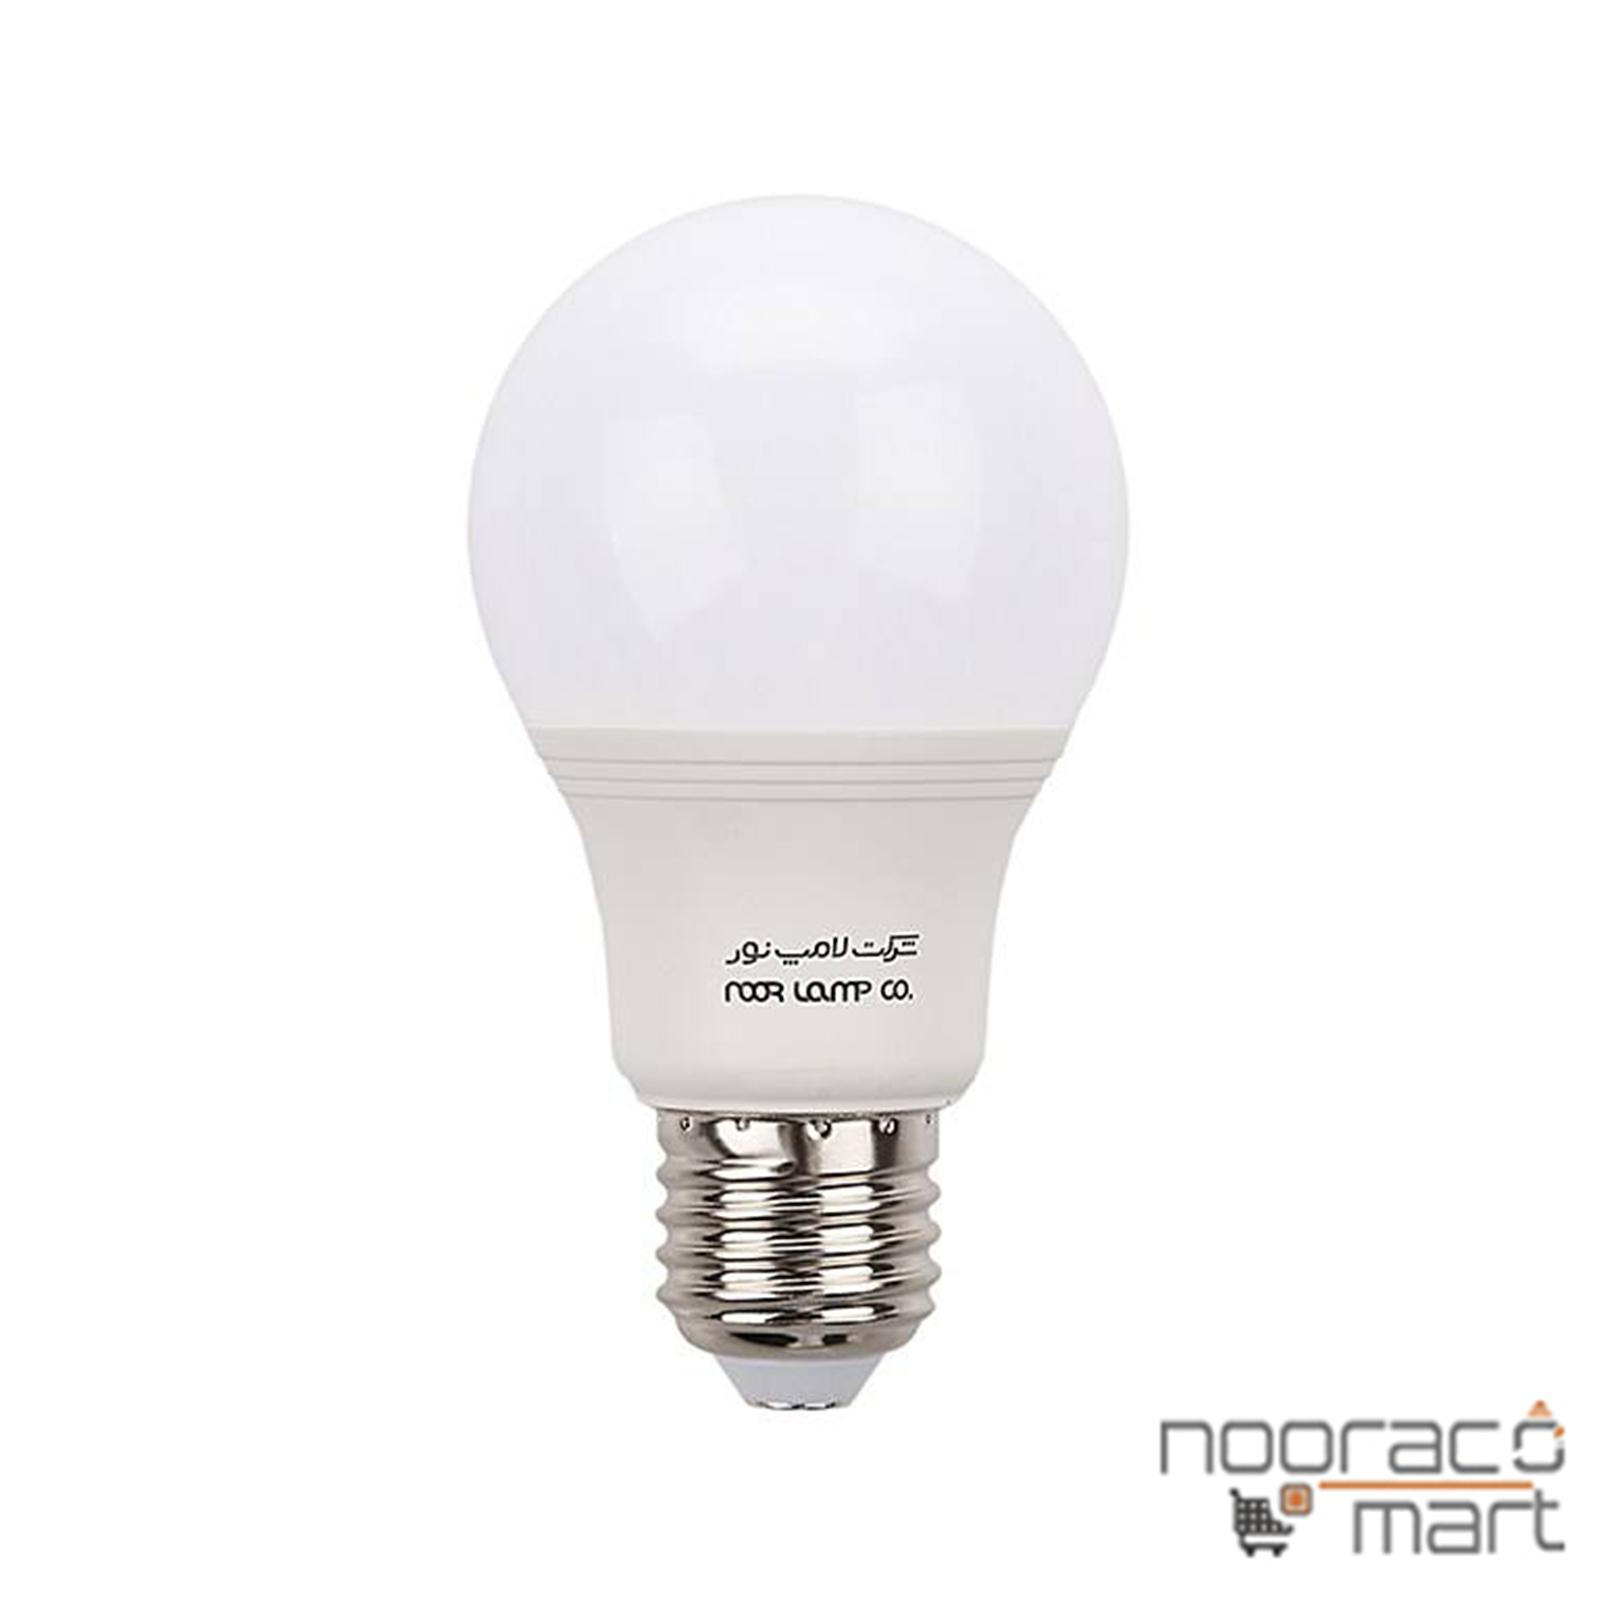 لامپ حبابی 9w ال ای دی